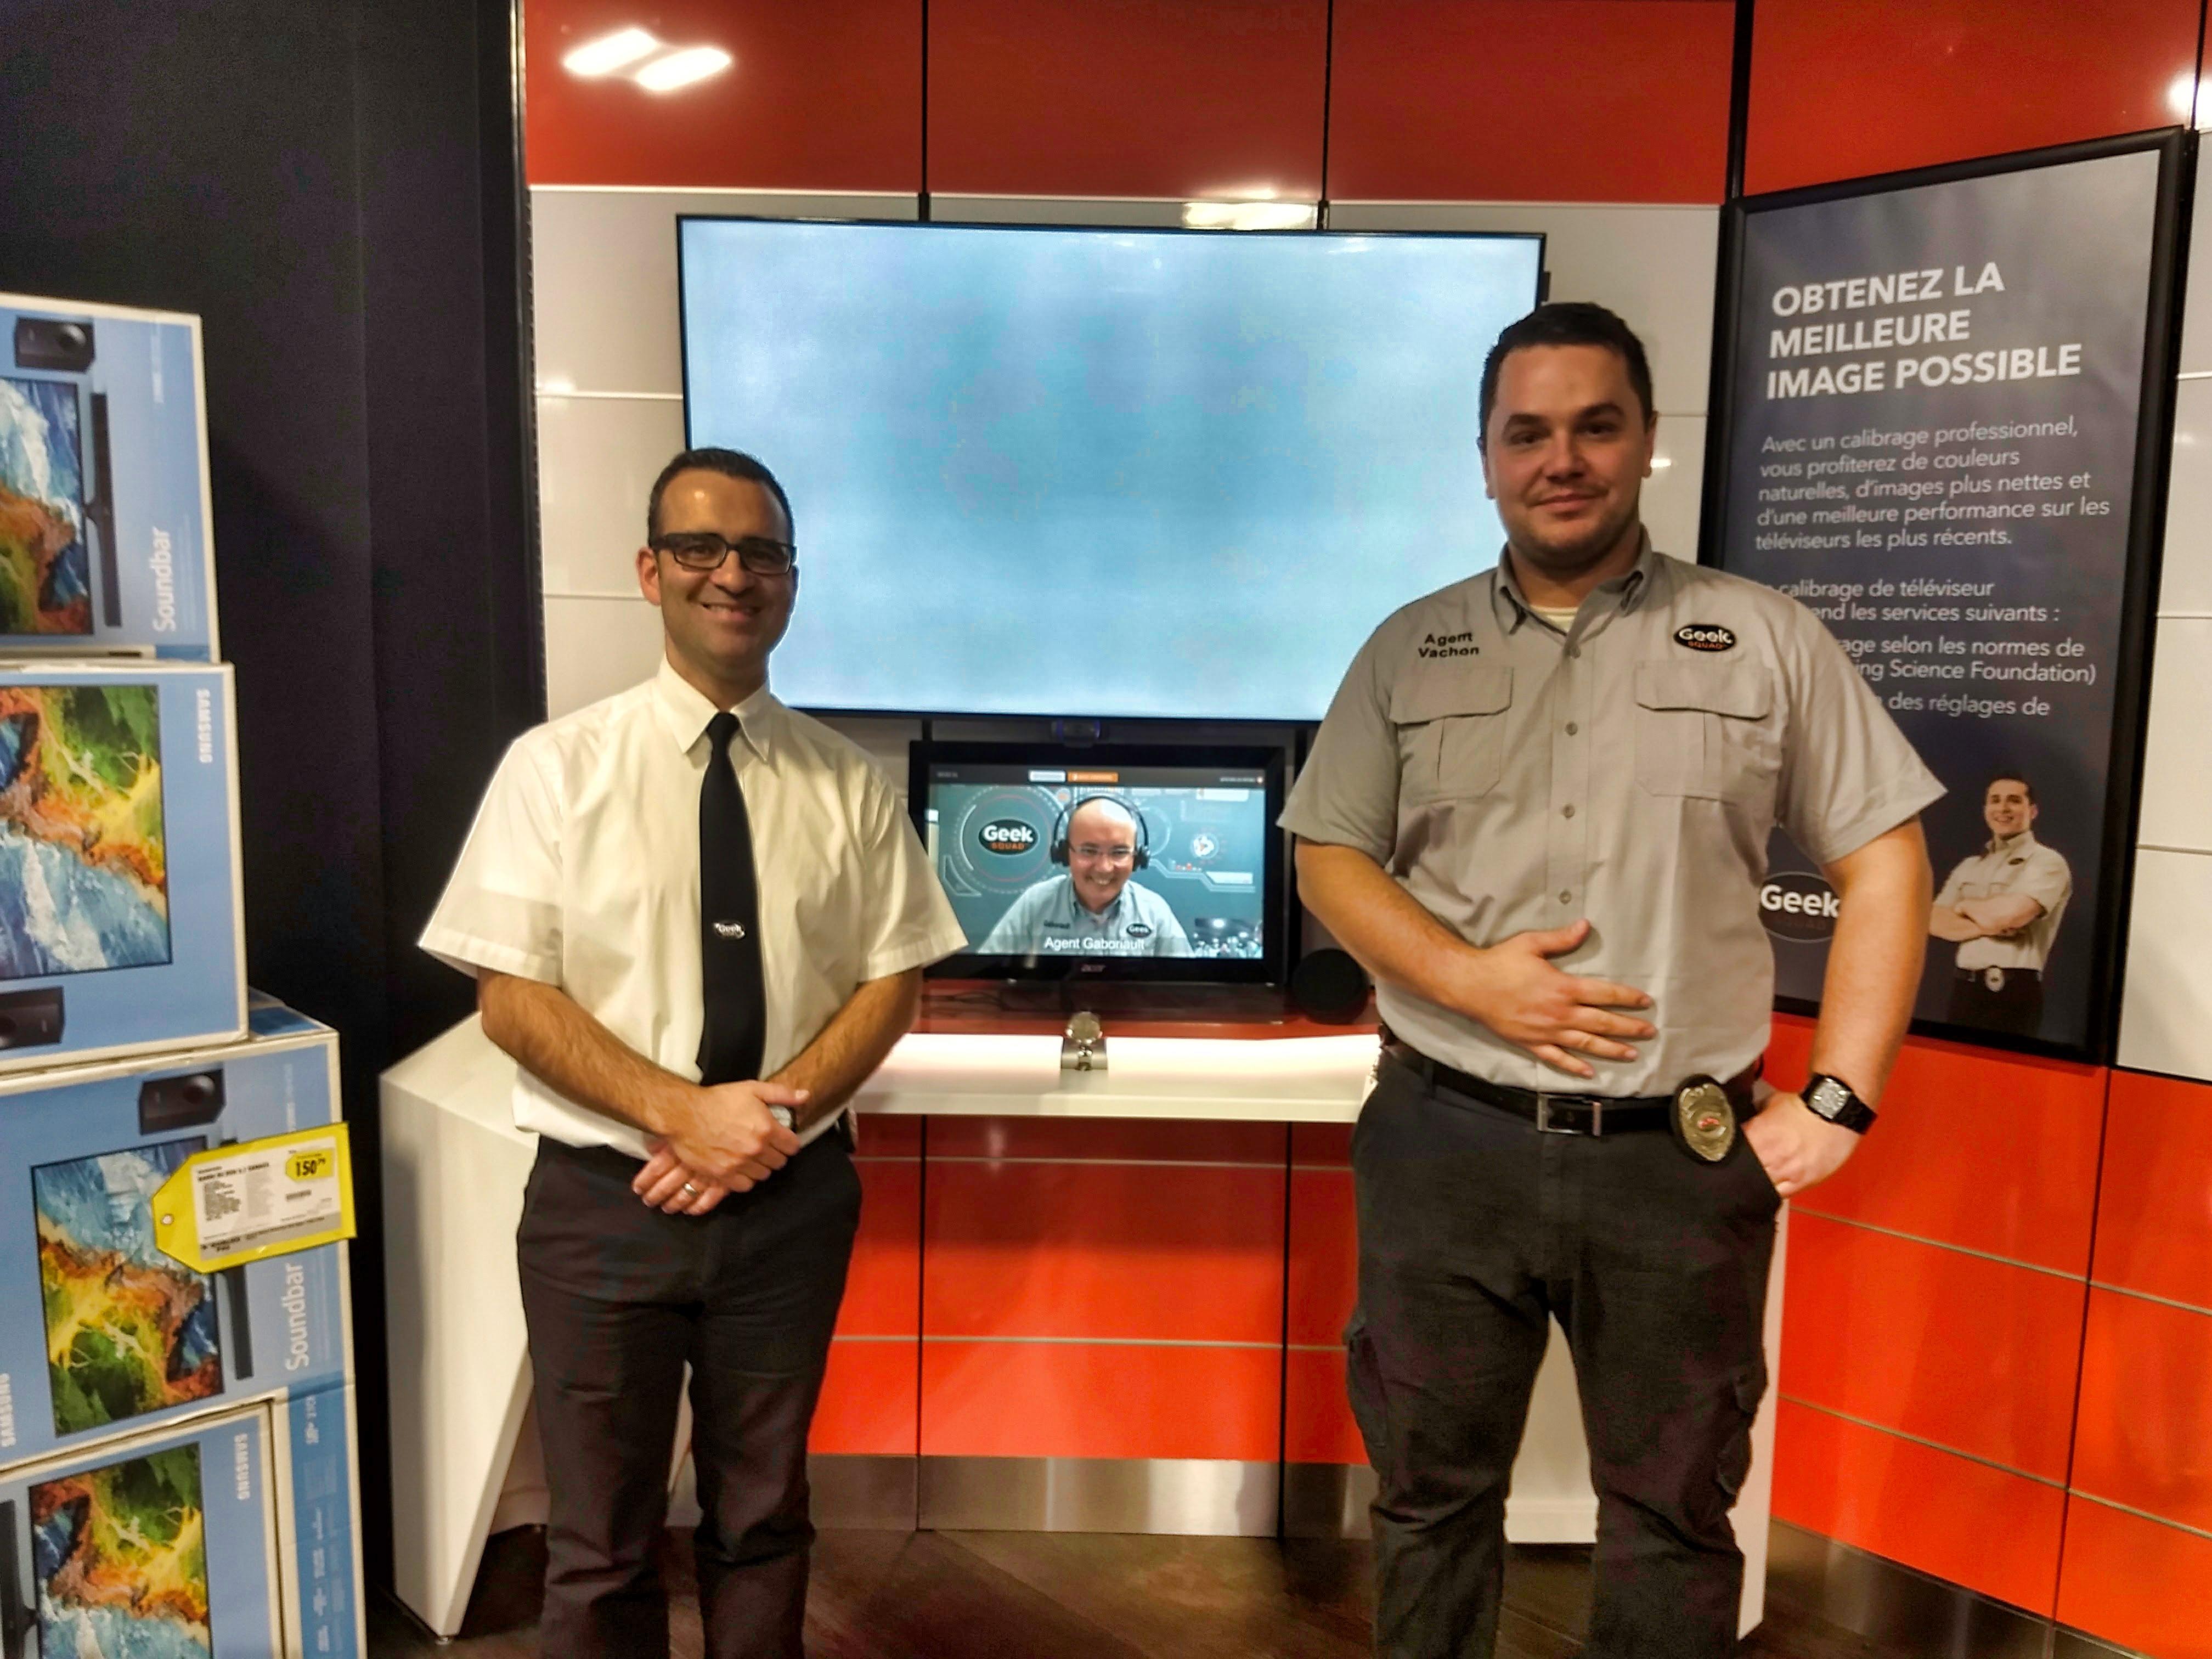 Les agents Vachon (droite), Gaboriault (centre) et Petit (gauche) de la Geek Squad devant le service de vidéoconférence. | Best Buy Expérience Centre-Ville Montréal